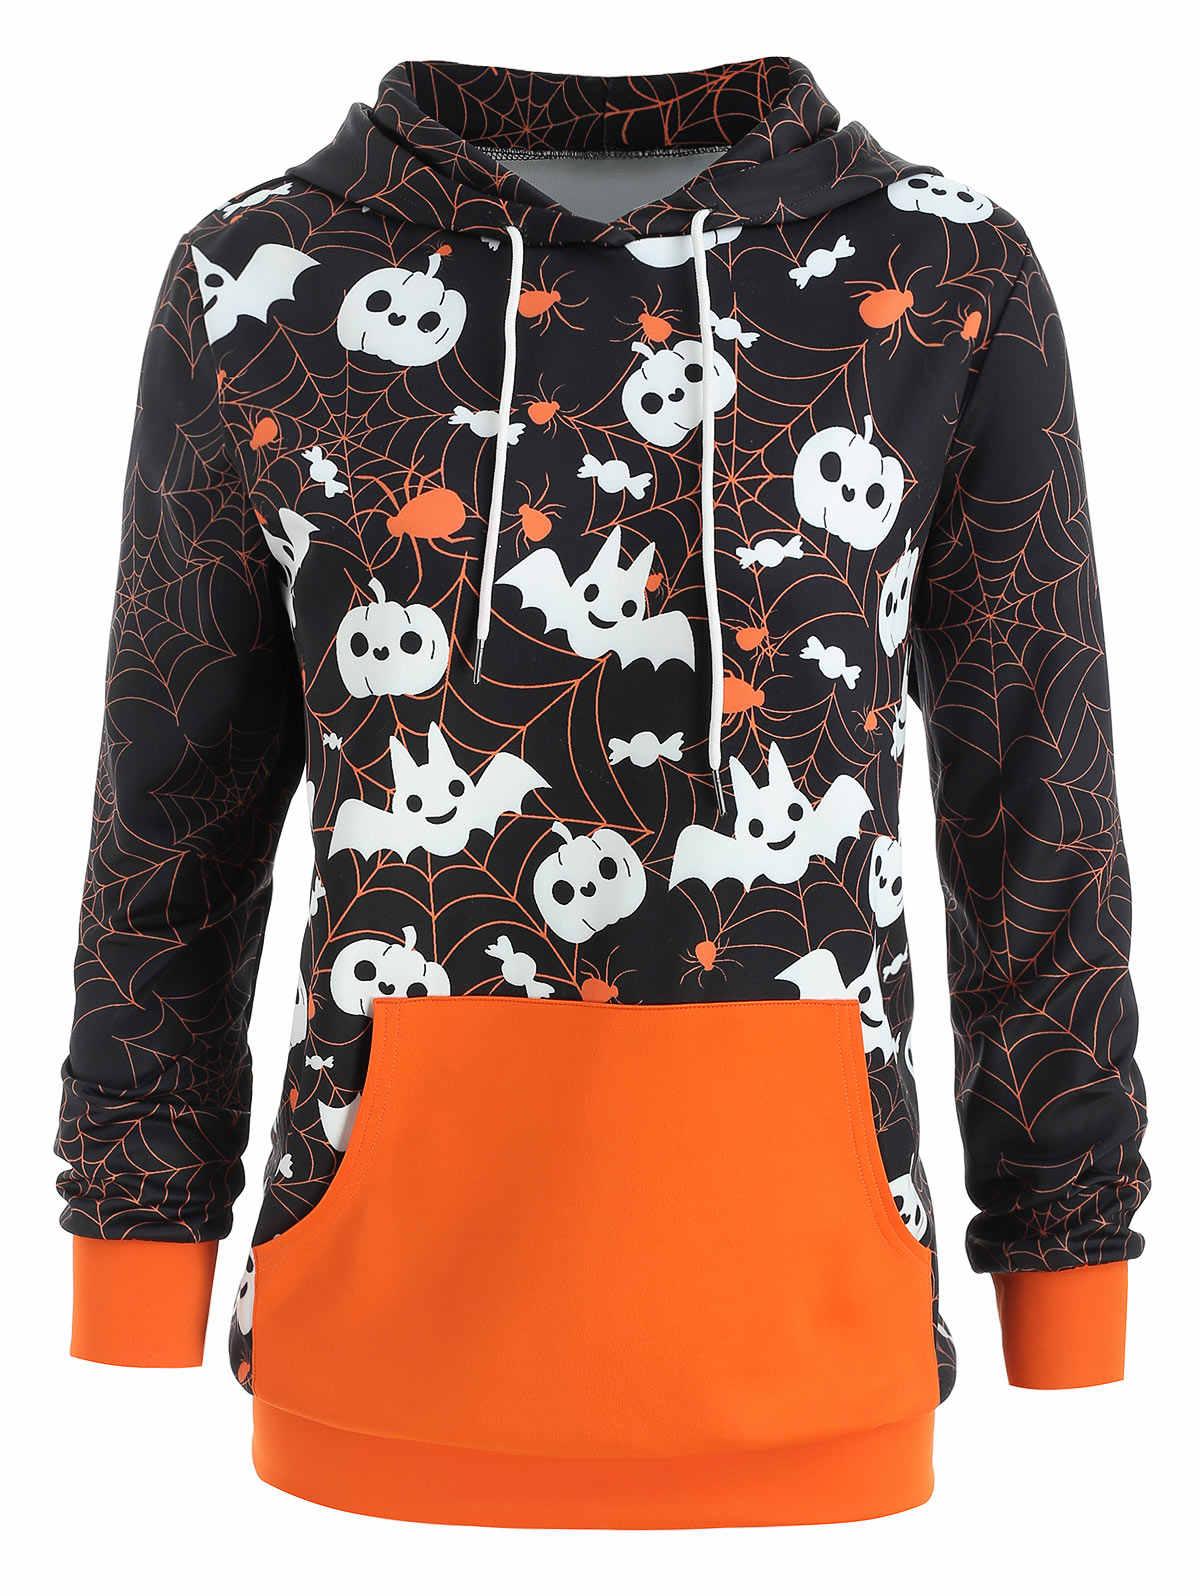 Wipalo осень плюс Размеры Хэллоуин паутину тыквы печати балахон Повседневное Для женщин с капюшоном карман-кенгуру пуловер, худи, свитер